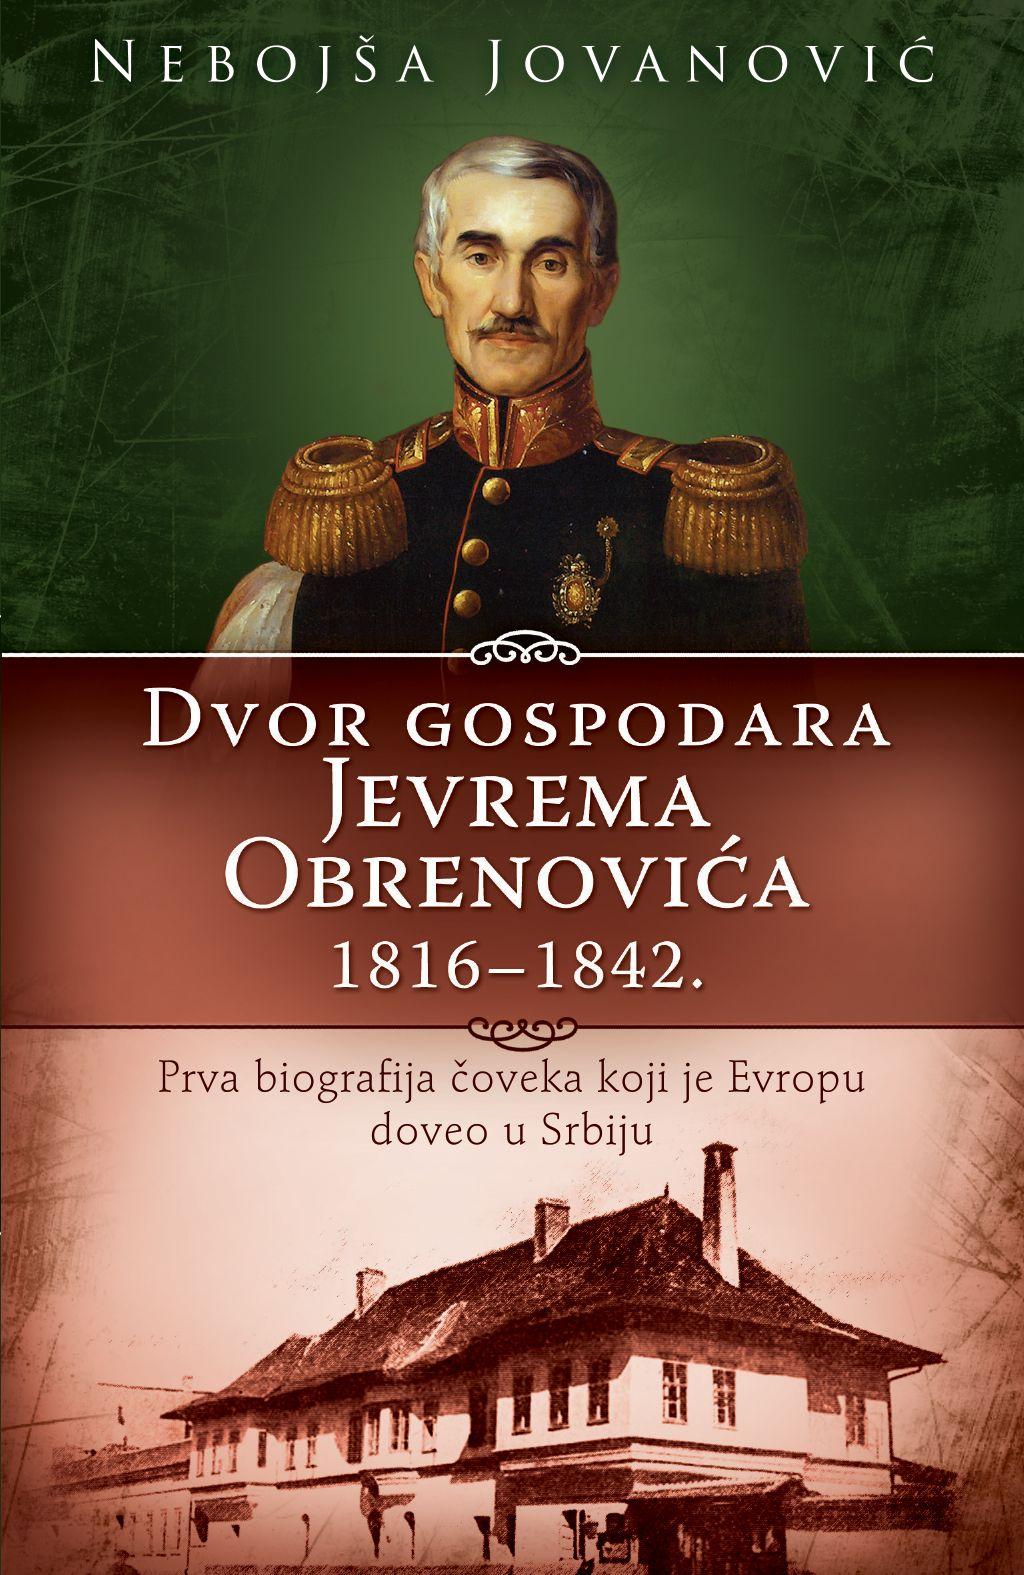 """""""Dvor gospodara Jevrema  Obrenovića 1816-1842.""""  istoričara i pisca  Nebojše Jovanovića"""